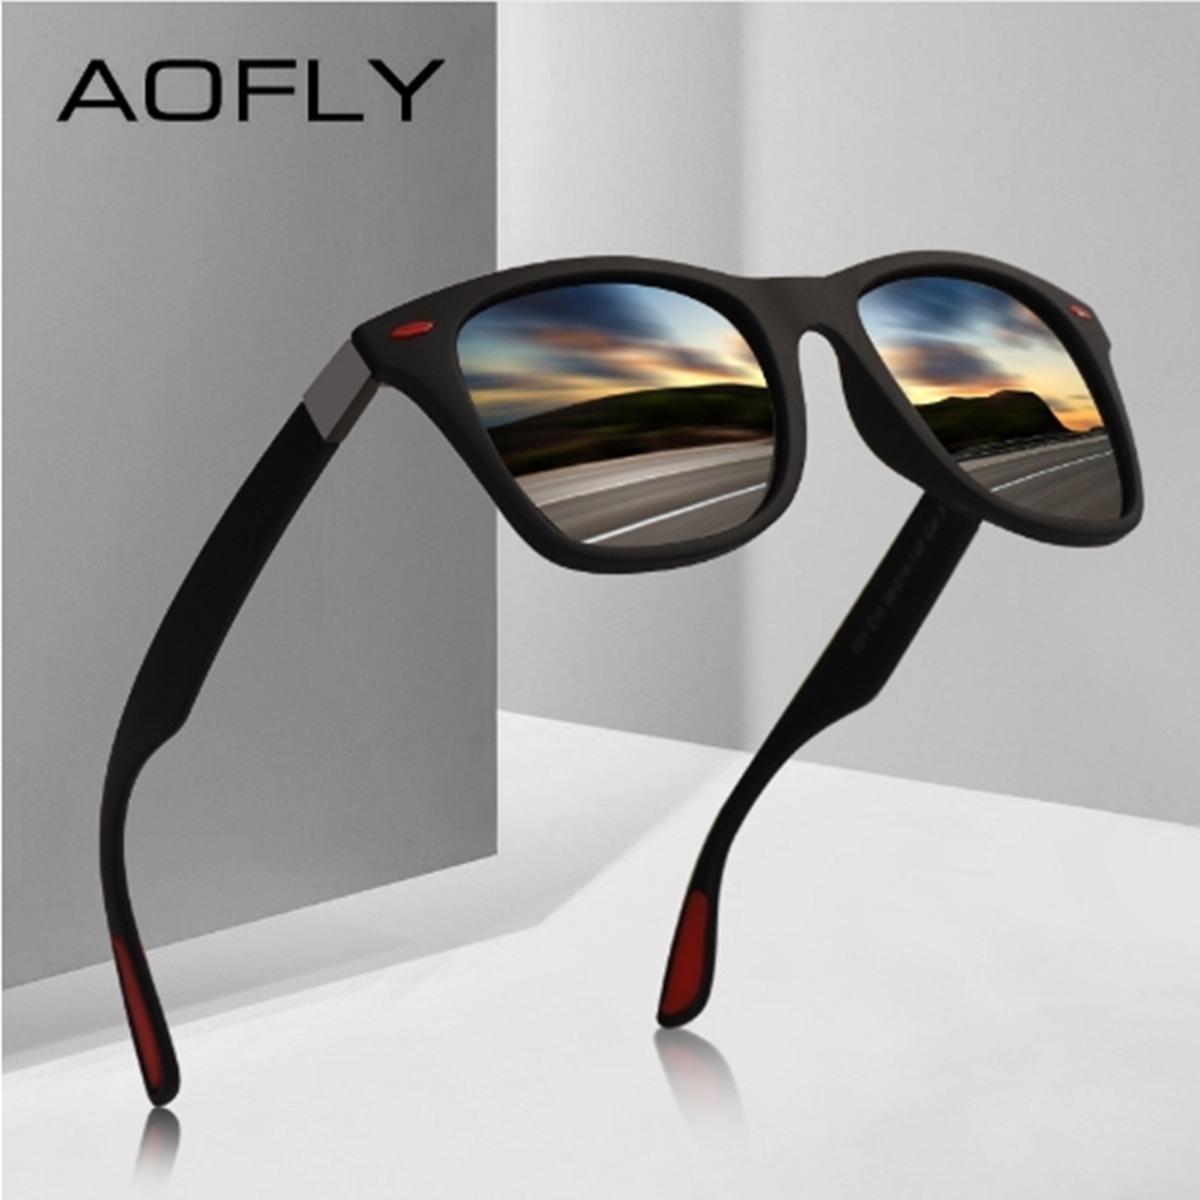 5ae1b69646e91 óculos sol masculino feminino polarizado aofly 8083 promoção. Carregando  zoom.